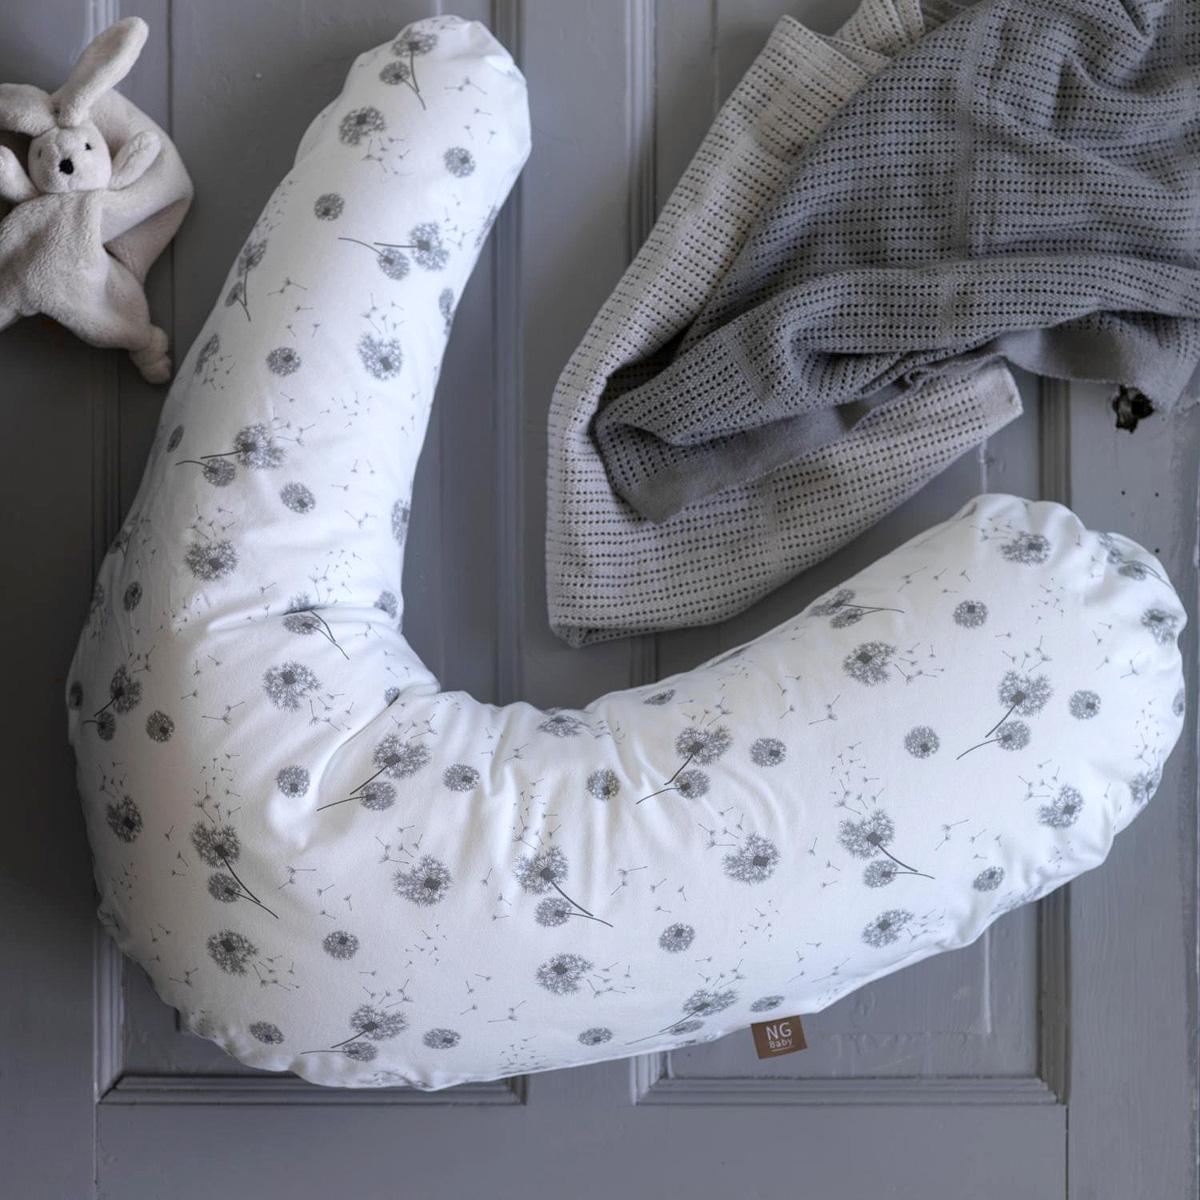 13034 Amningskudde överdrag av 100% ekologisk bomull NG-baby Dandelion vit grå